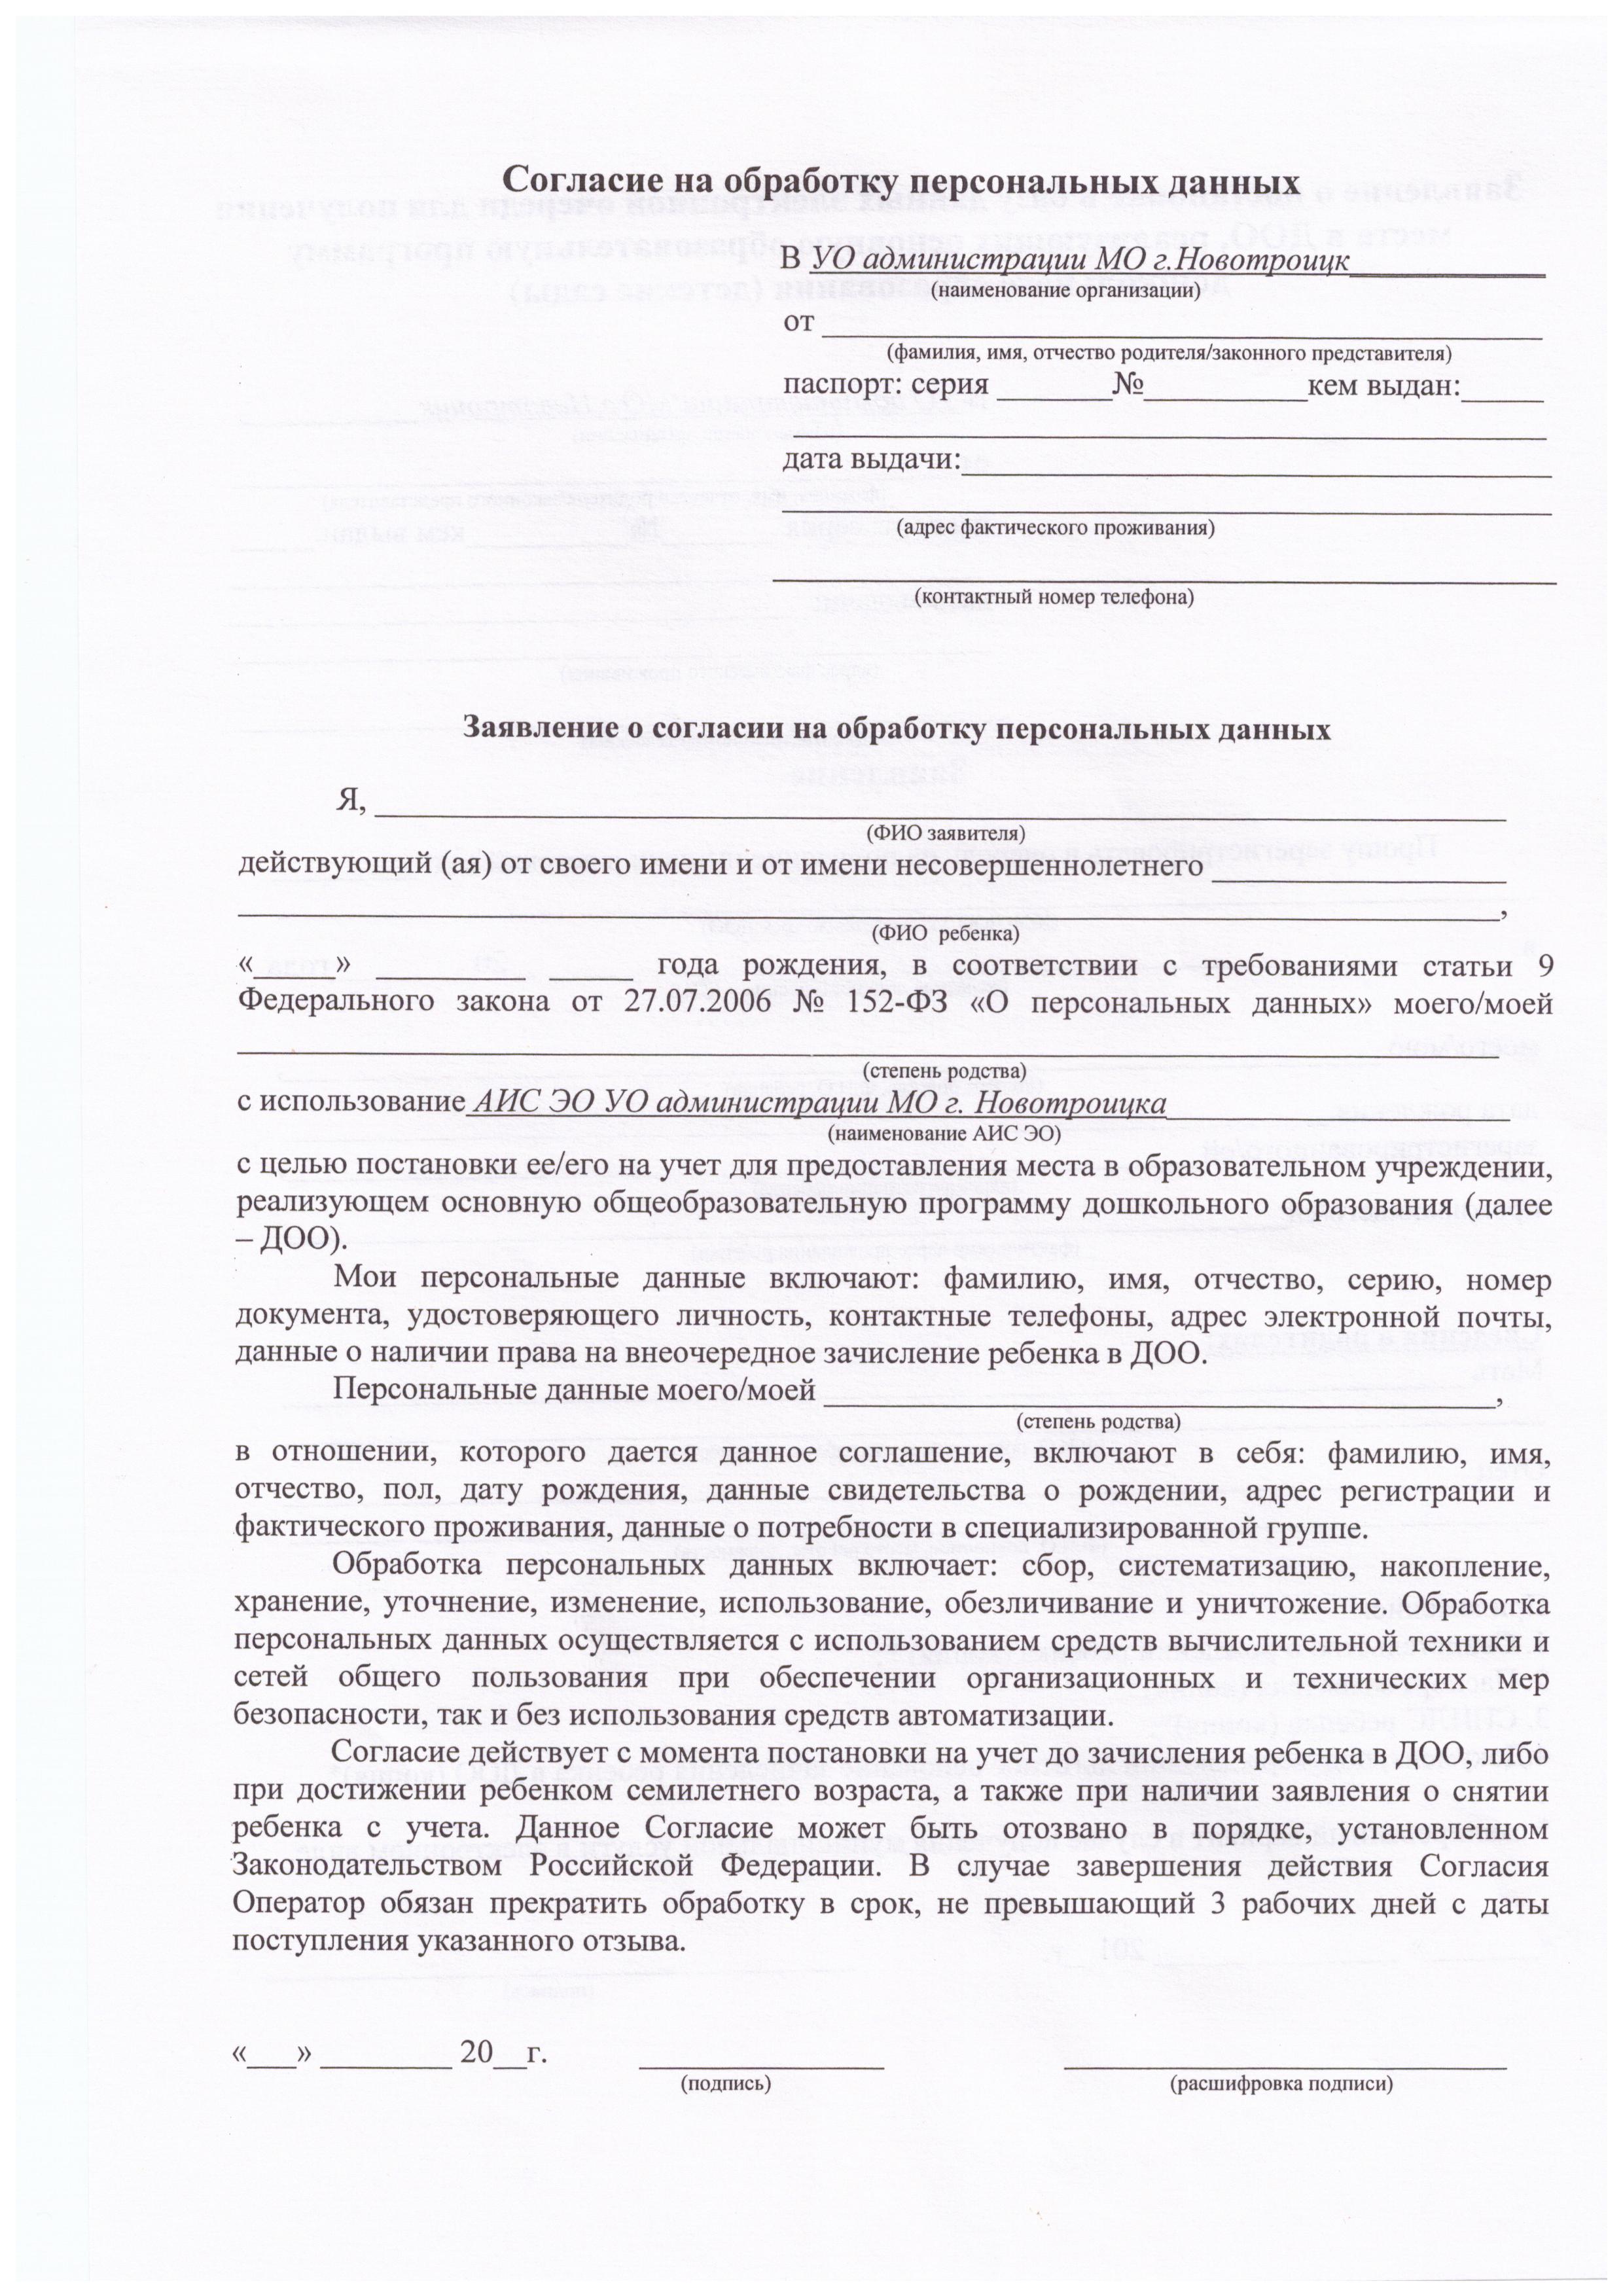 Пример заявление на отзыв обработки персональных данных действовавшие программе